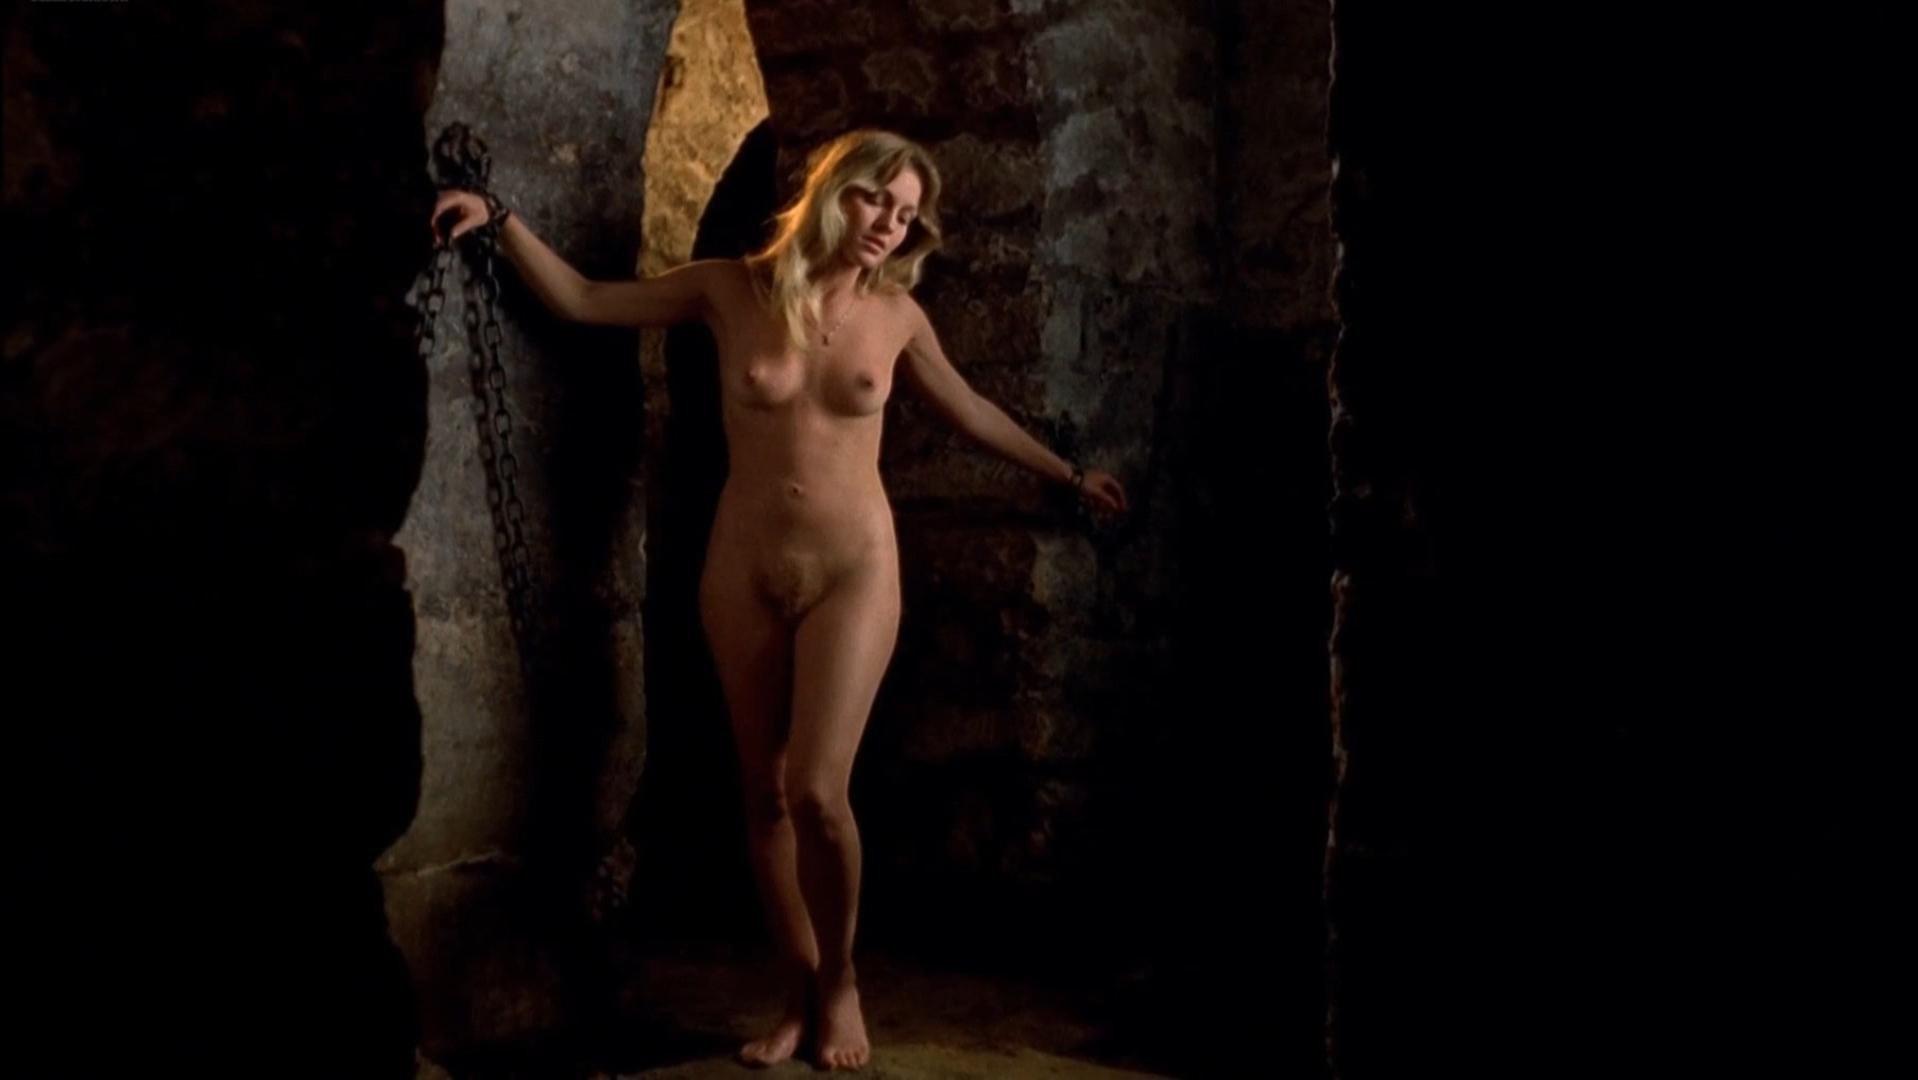 Marianne Eggerickx nude, Nathalie Zeiger nude - Glissements progressifs du plaisir (1973)